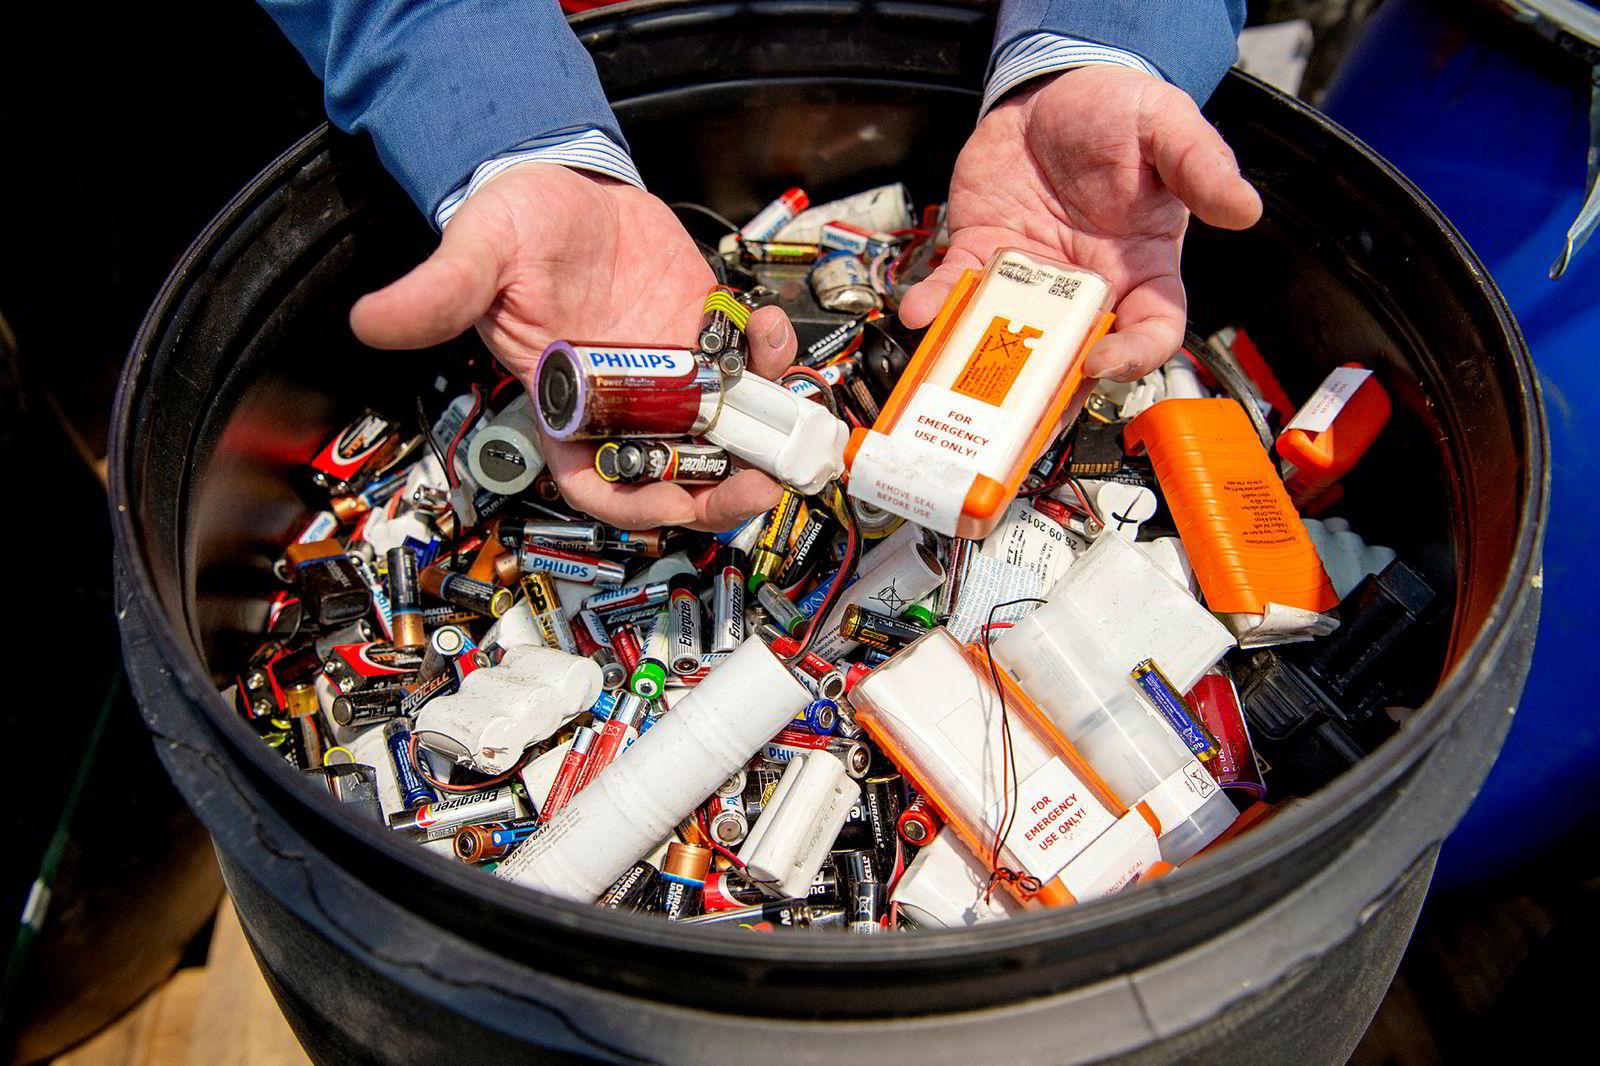 Selskapet Batteriretur har et innsamlernettverk bestående av rundt 350 samarbeidspartnere og cirka 20.000 innsamlingspunkter i Norge.